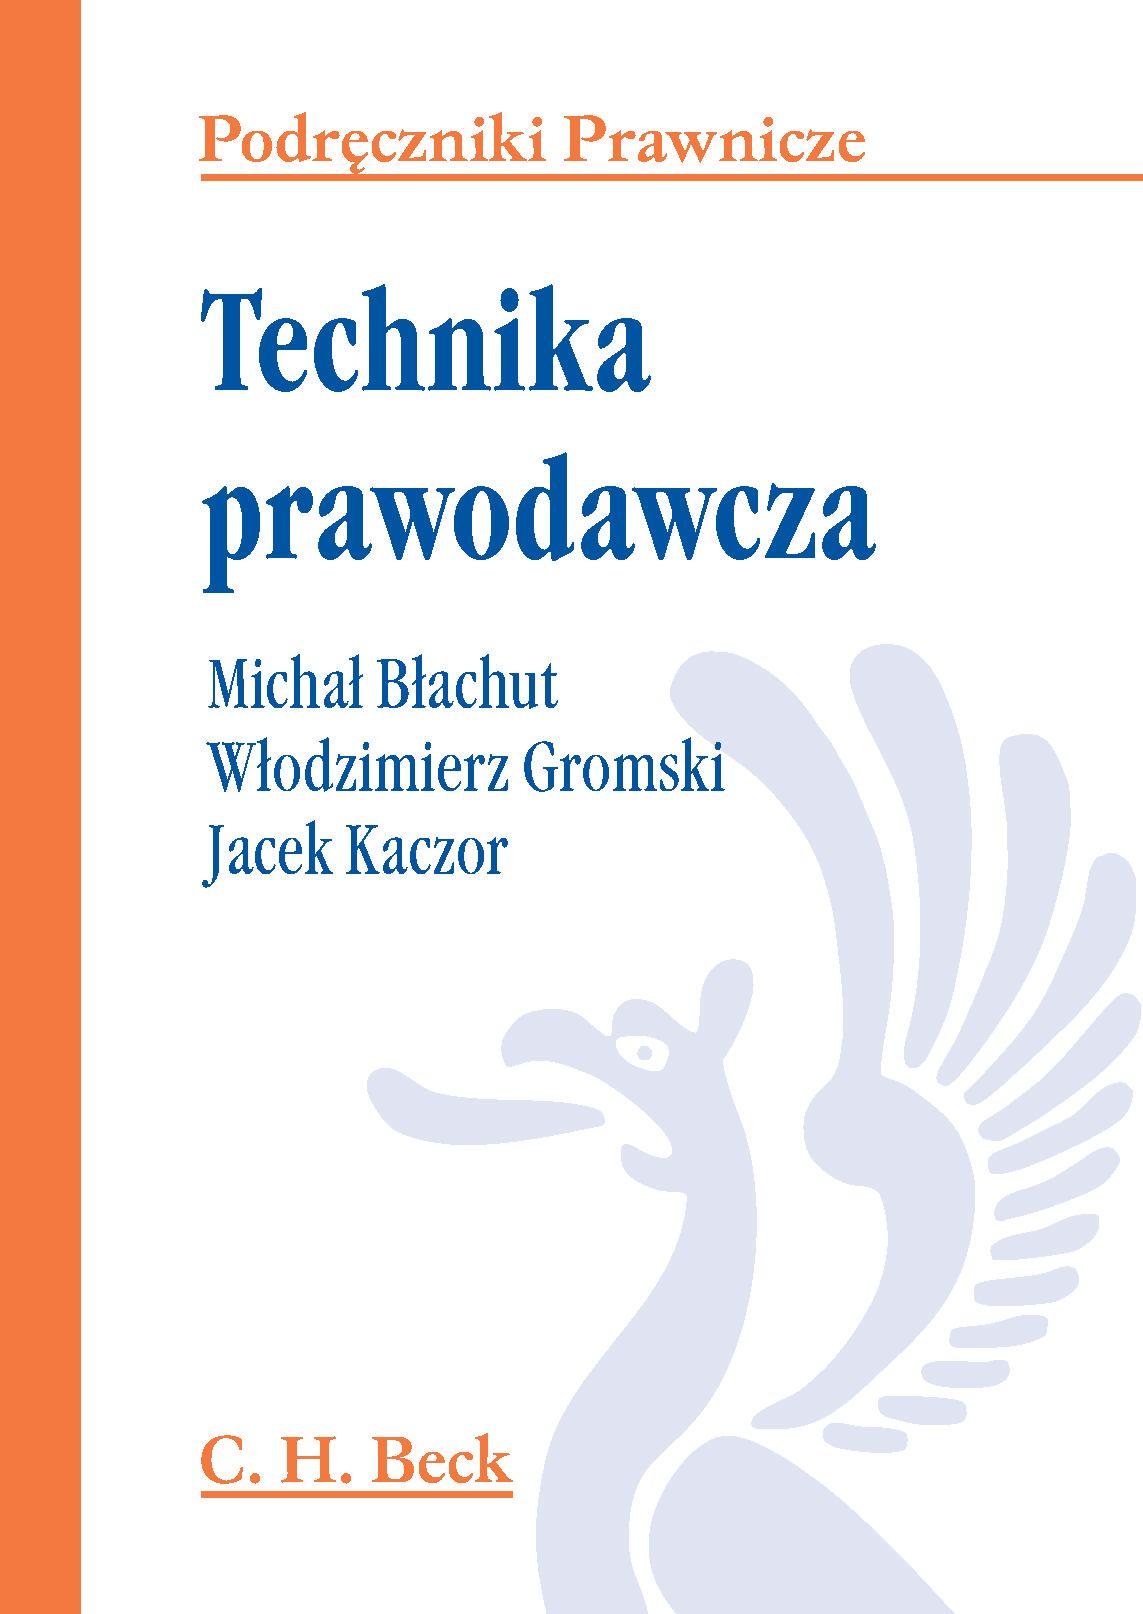 Technika prawodawcza - Ebook (Książka PDF) do pobrania w formacie PDF